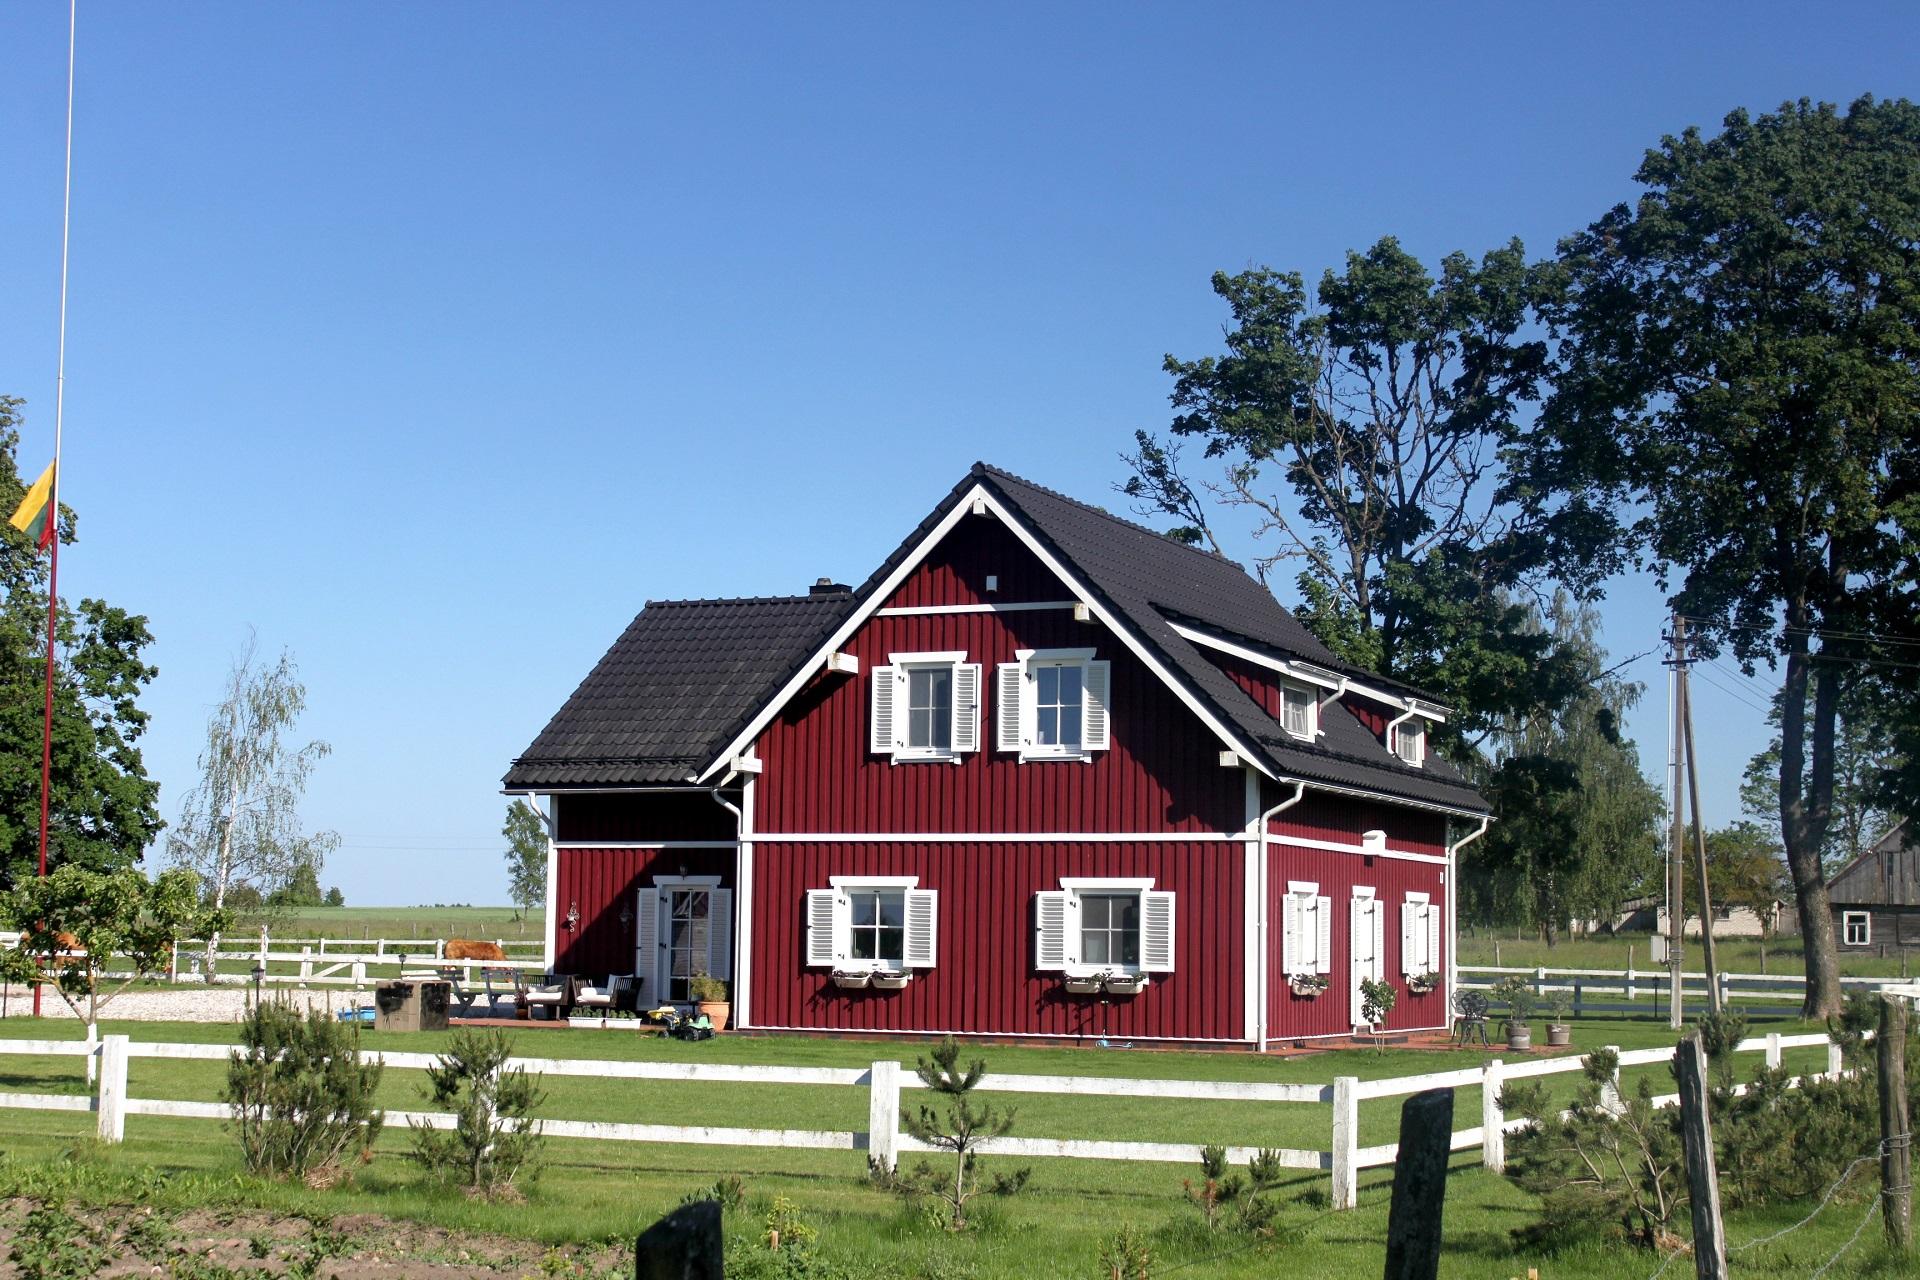 Donato Vaitelio ūkį galima vadinti tikra kaimelio puošmena, kurios nepastebėti tiesiog neįmanoma – tiek dailus gyvenamasis namas, tiek ūkiniai pastatai nudažyti ta pačia spalva bei dekoruoti vienodais elementais. V. Petrilevičienės nuotr.